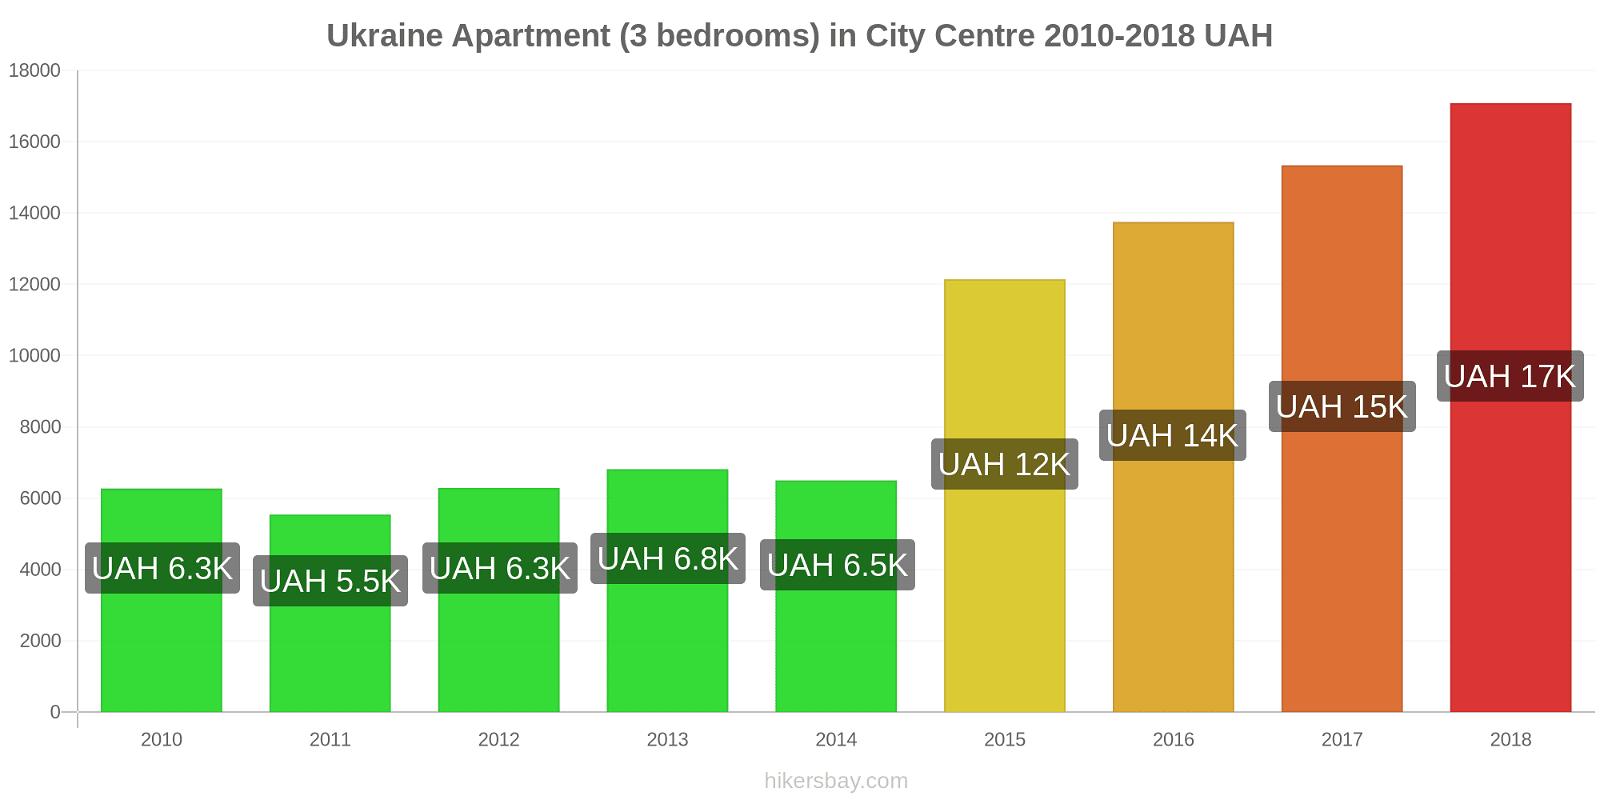 Ukraine price changes Apartment (3 bedrooms) in City Centre hikersbay.com